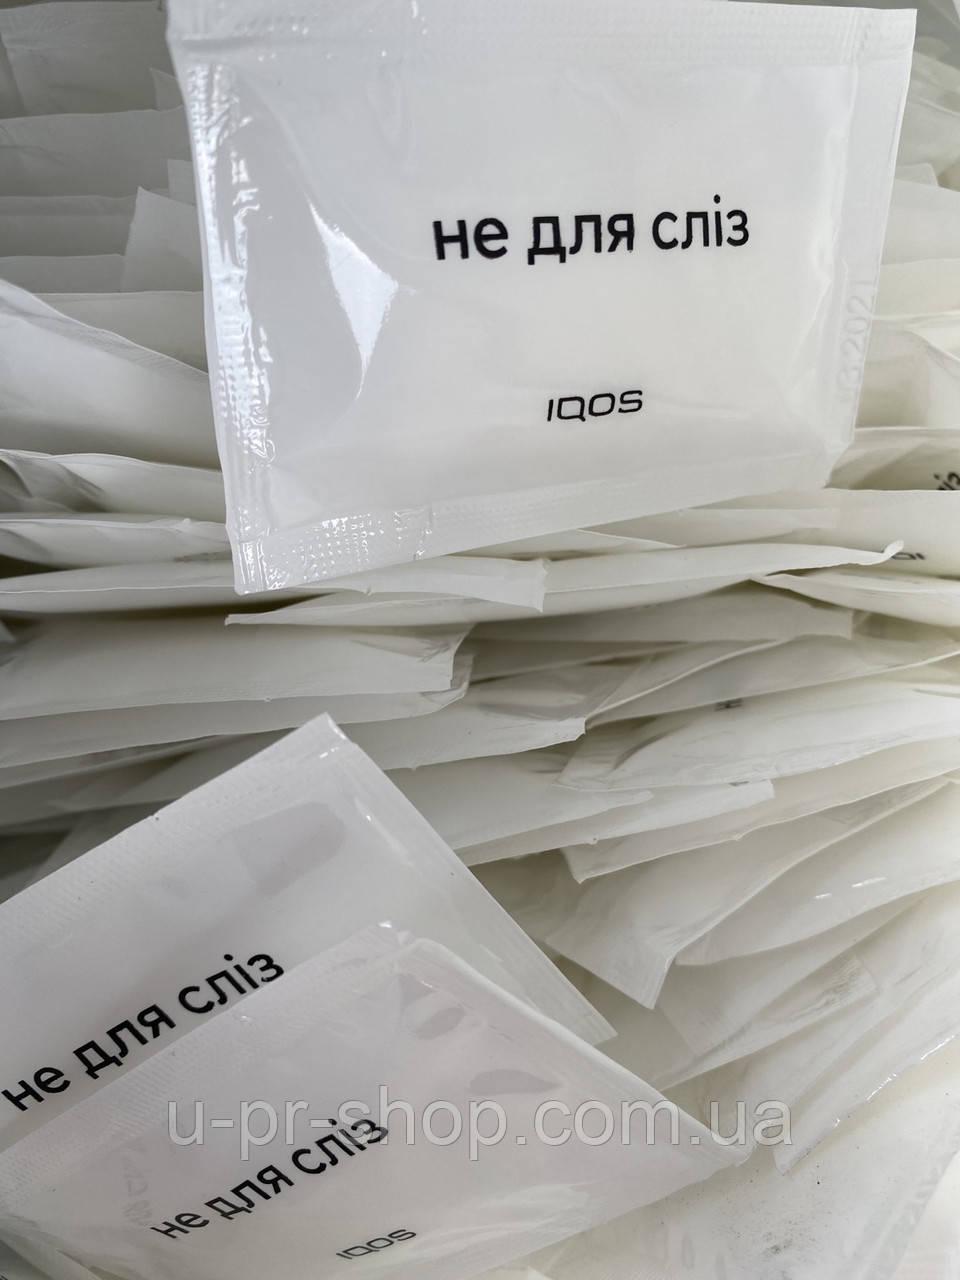 Друк на вологих серветки з логотипом від 100 000 шт.